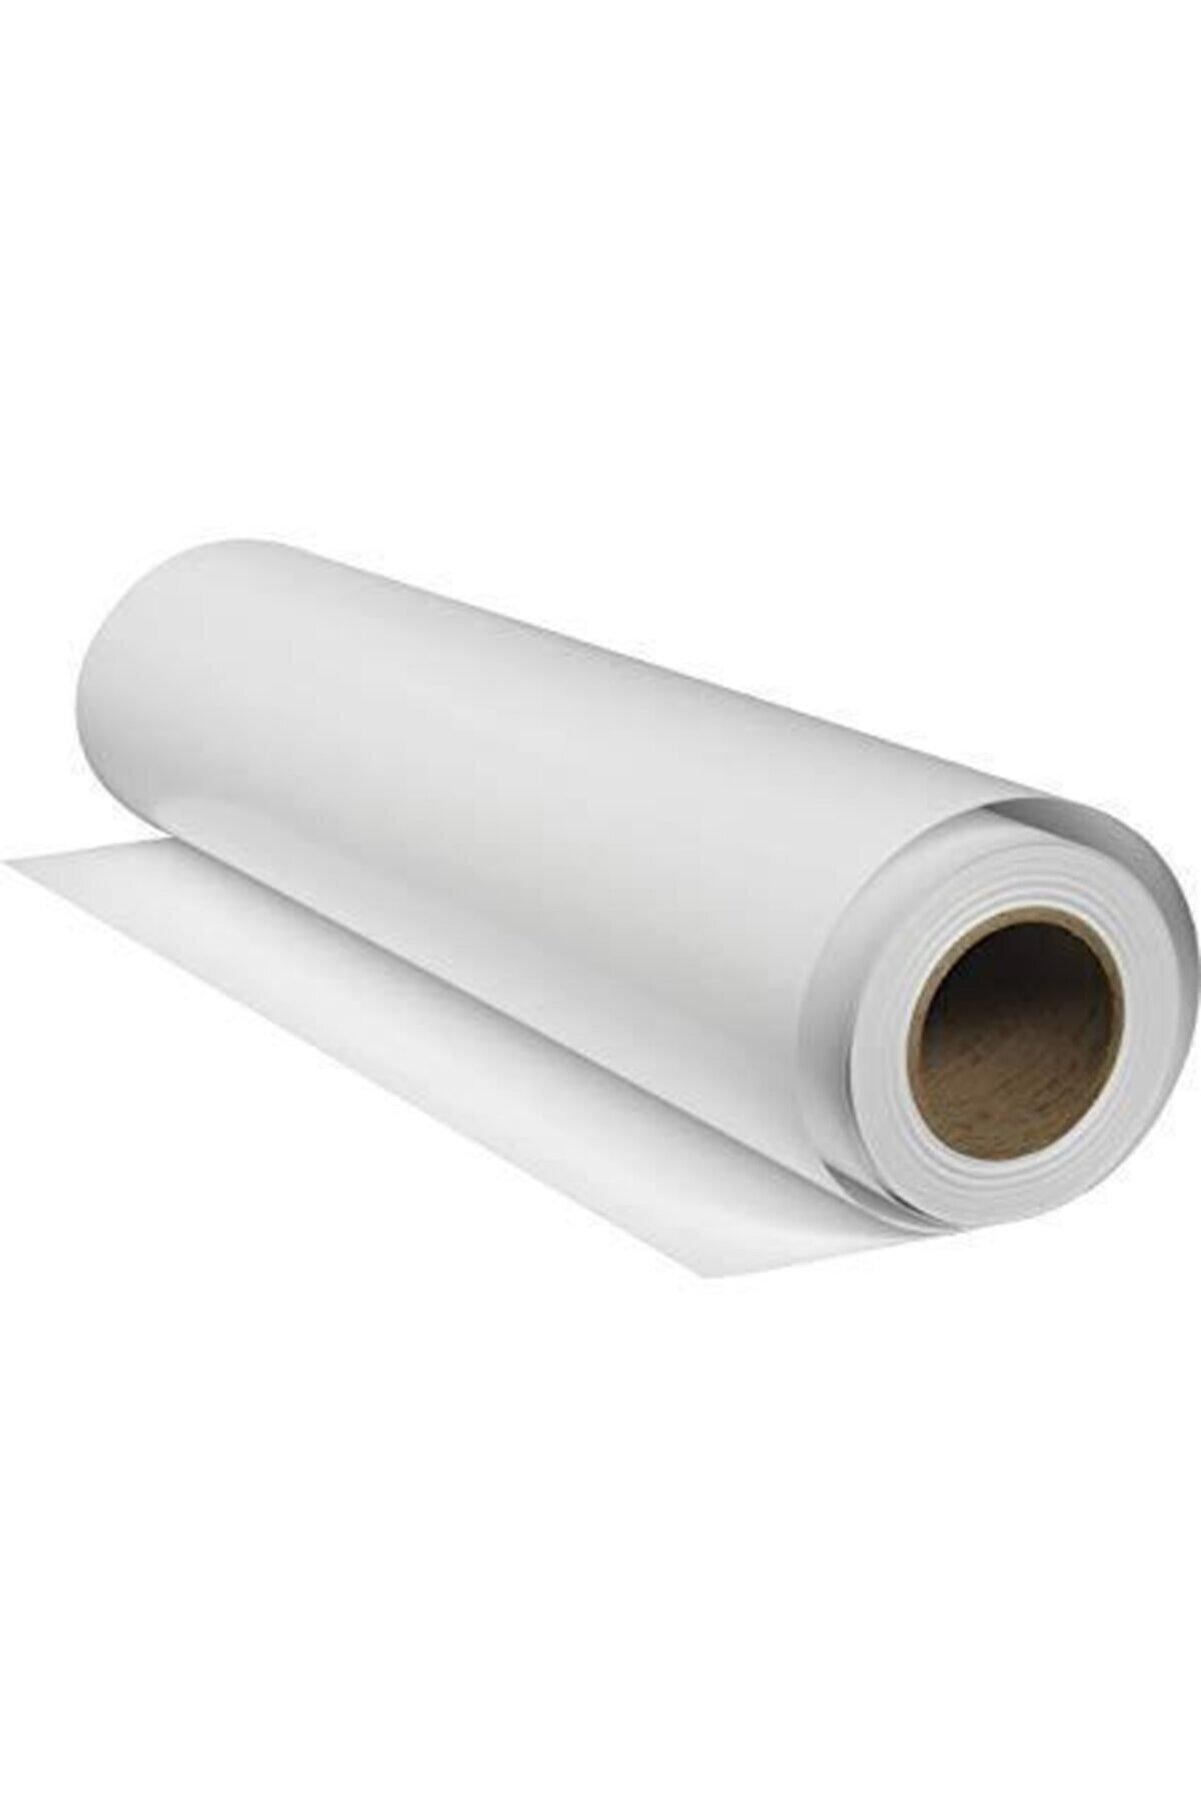 NewVario Mobilya Dolap Kaplama Folyosu Mat Beyaz 60 Cm-5 Metre